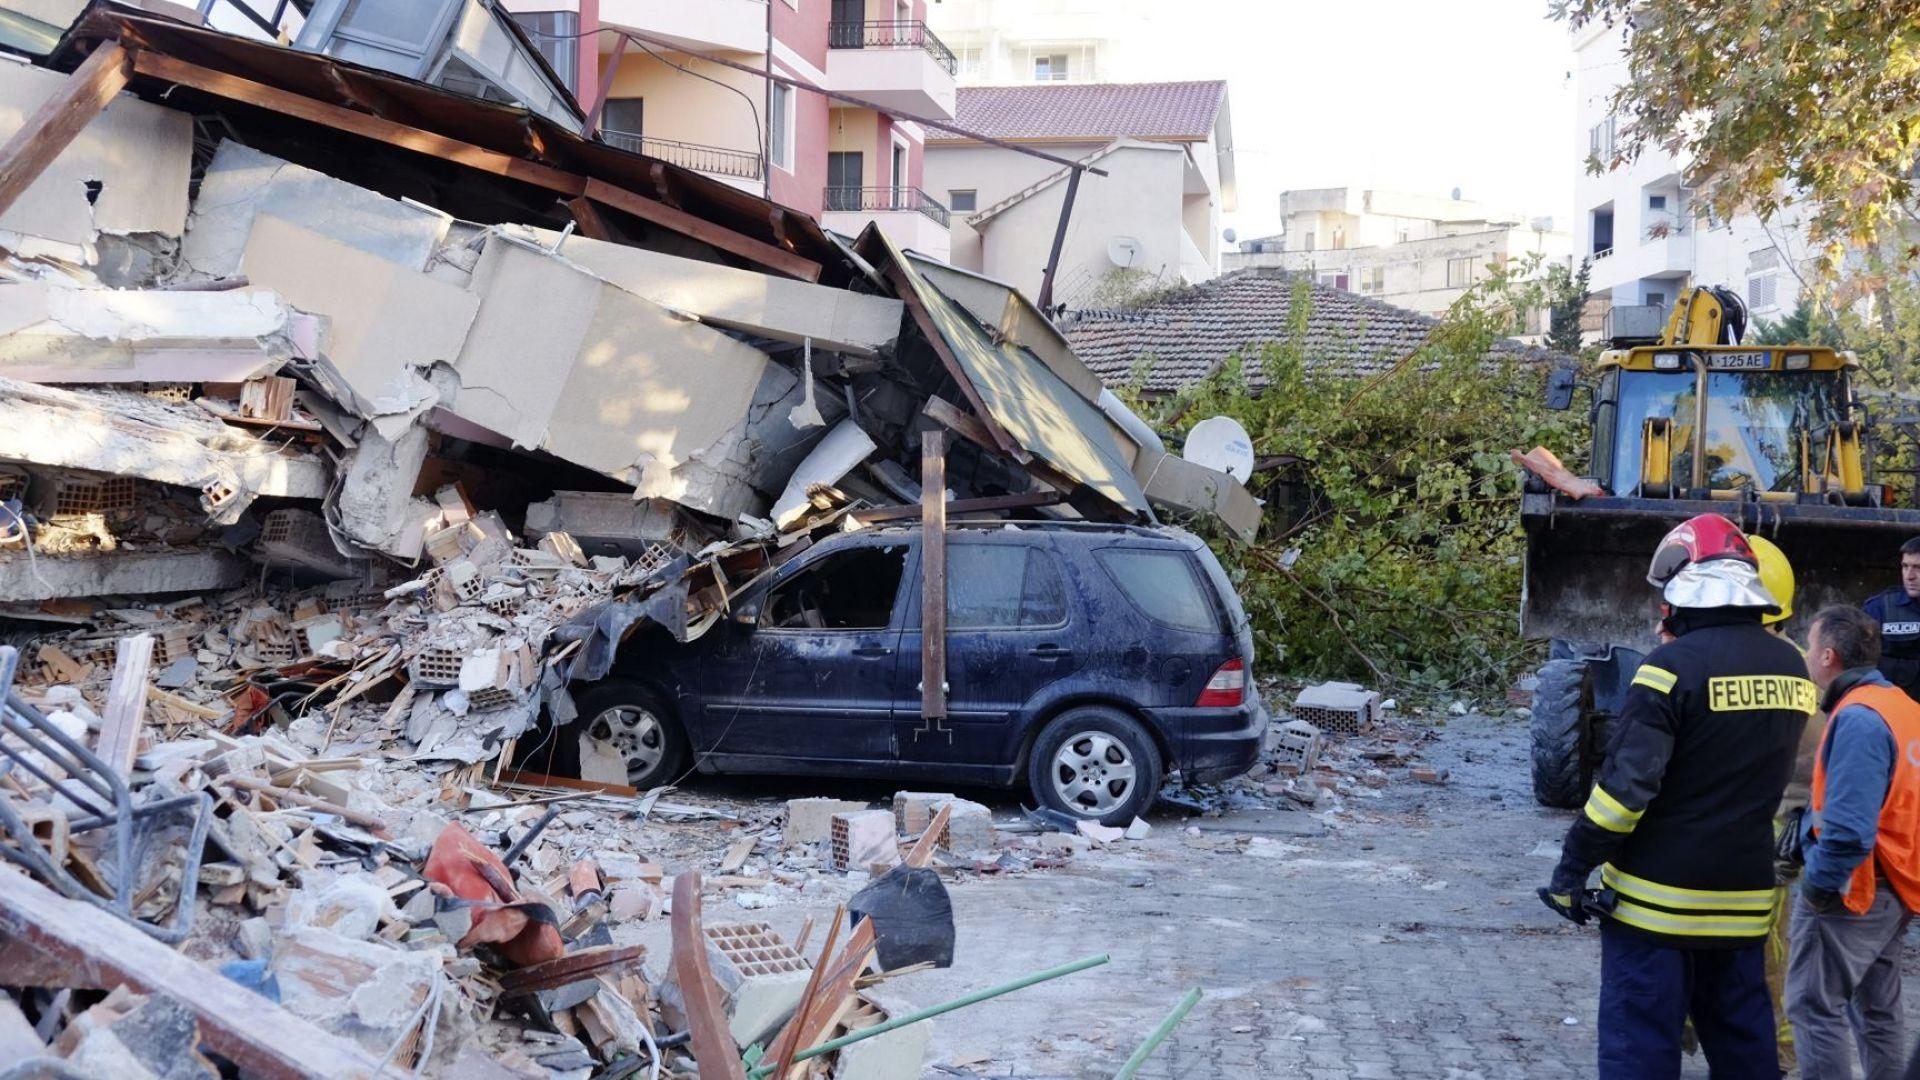 След мощното земетресение, взело жертви в Албания - целият регион е застрашен